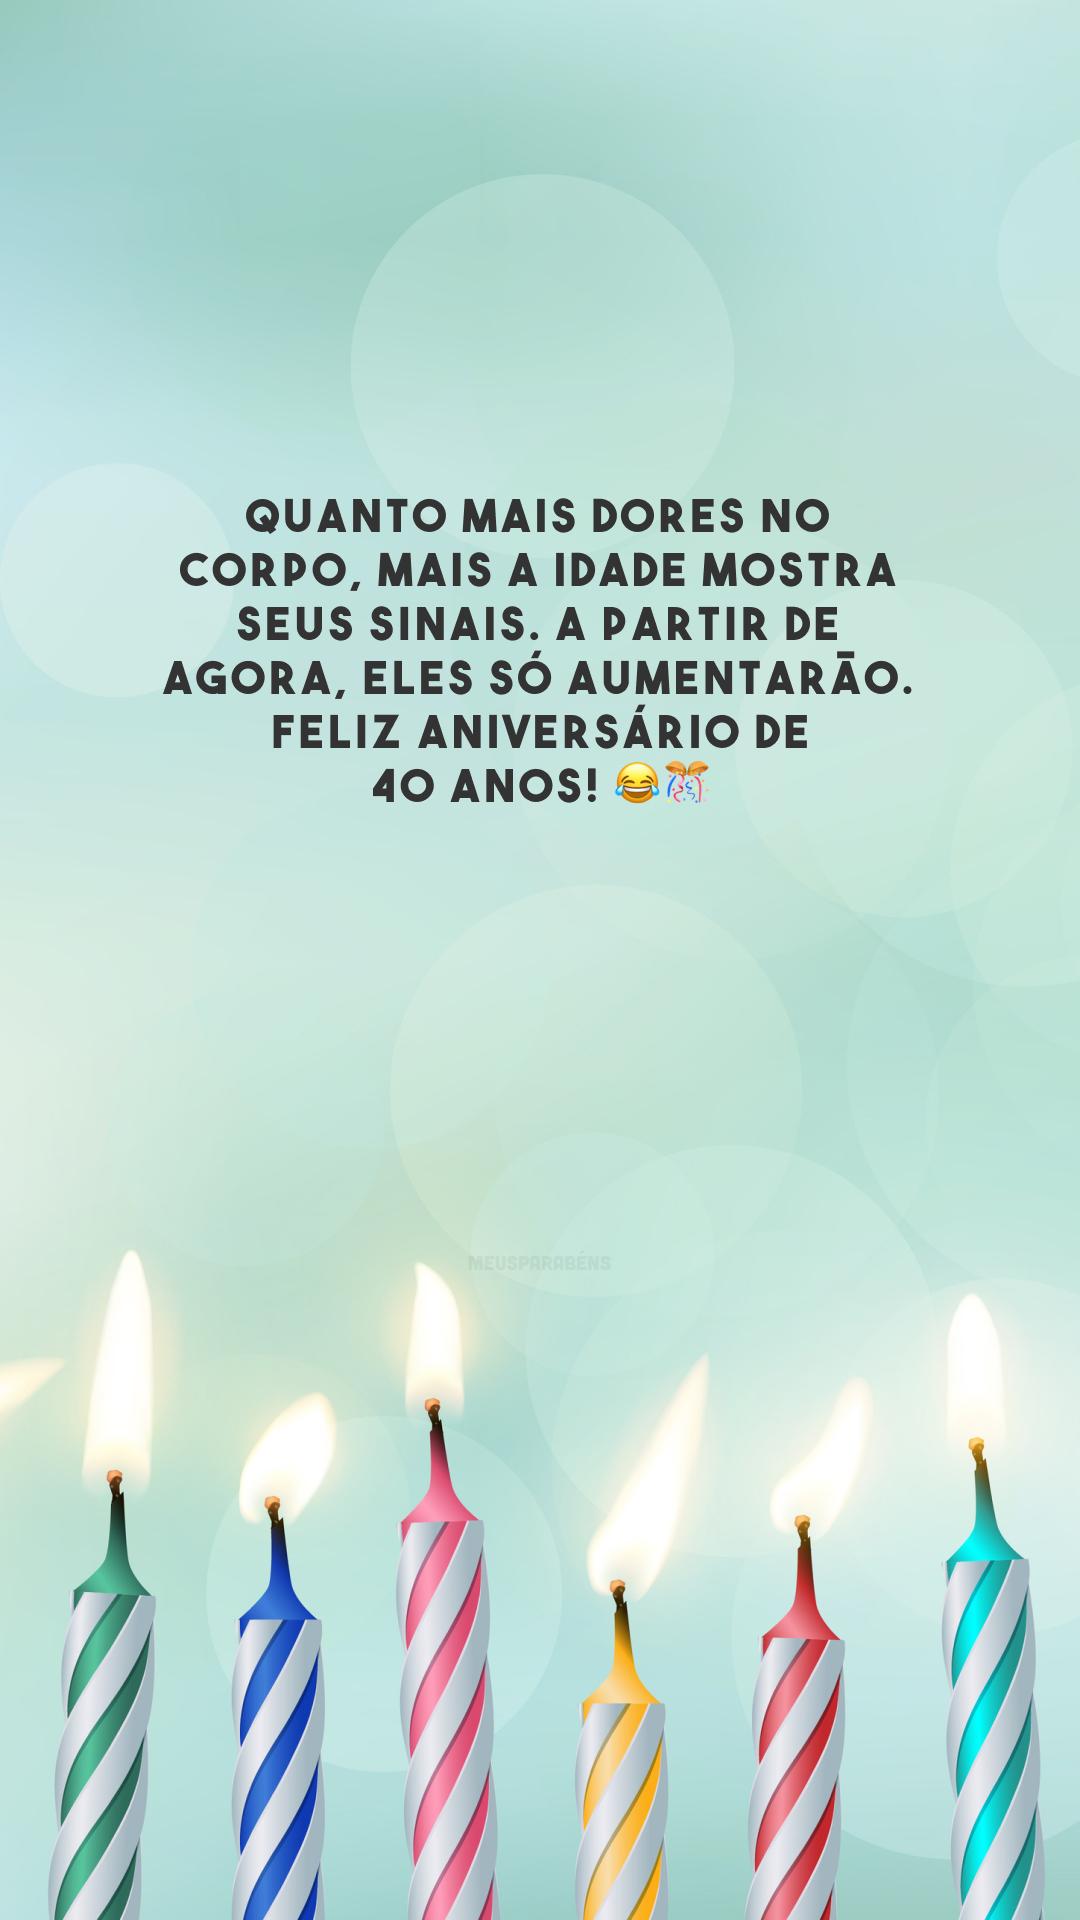 Quanto mais dores no corpo, mais a idade mostra seus sinais. A partir de agora, eles só aumentarão. Feliz aniversário de 40 anos! 😂🎊